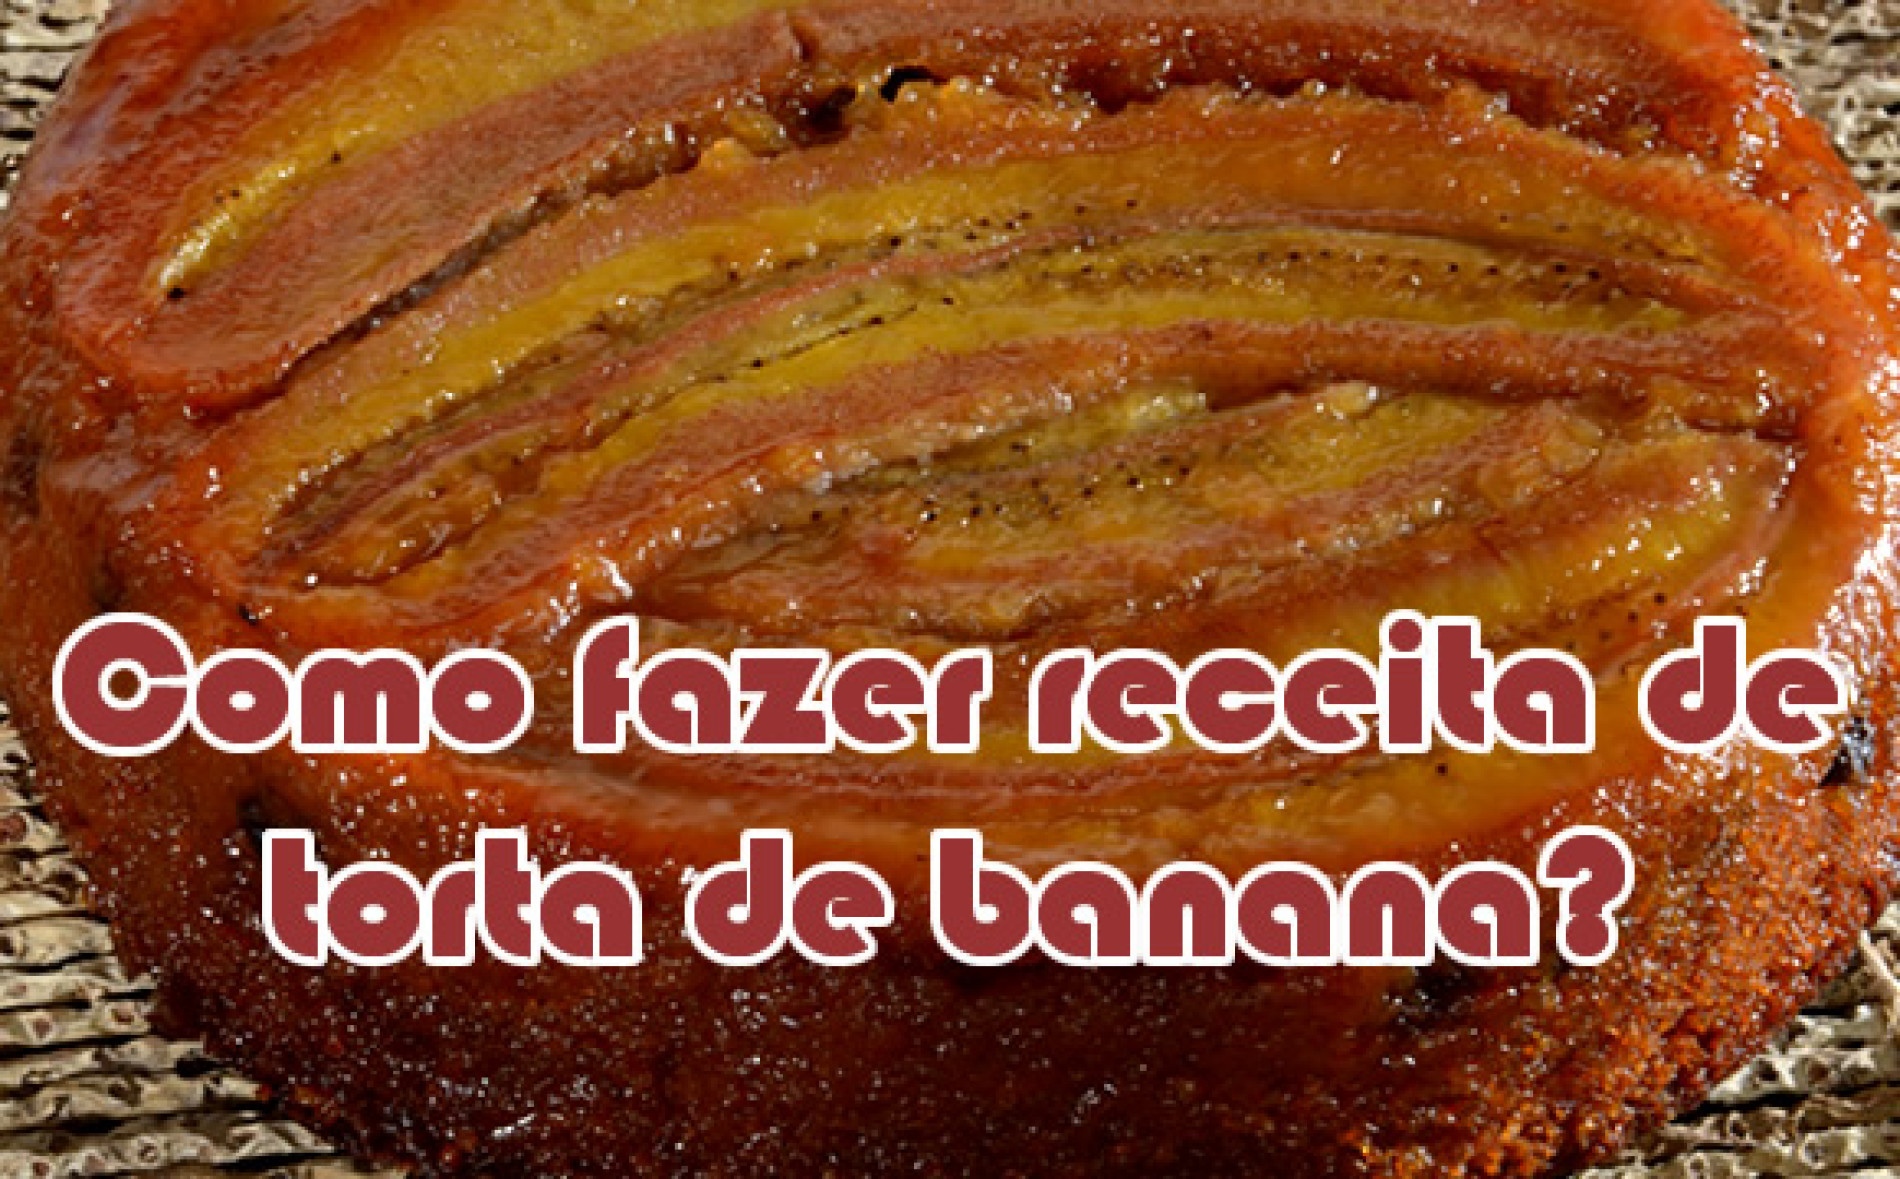 Como fazer torta de banana em calda caseira – Receita